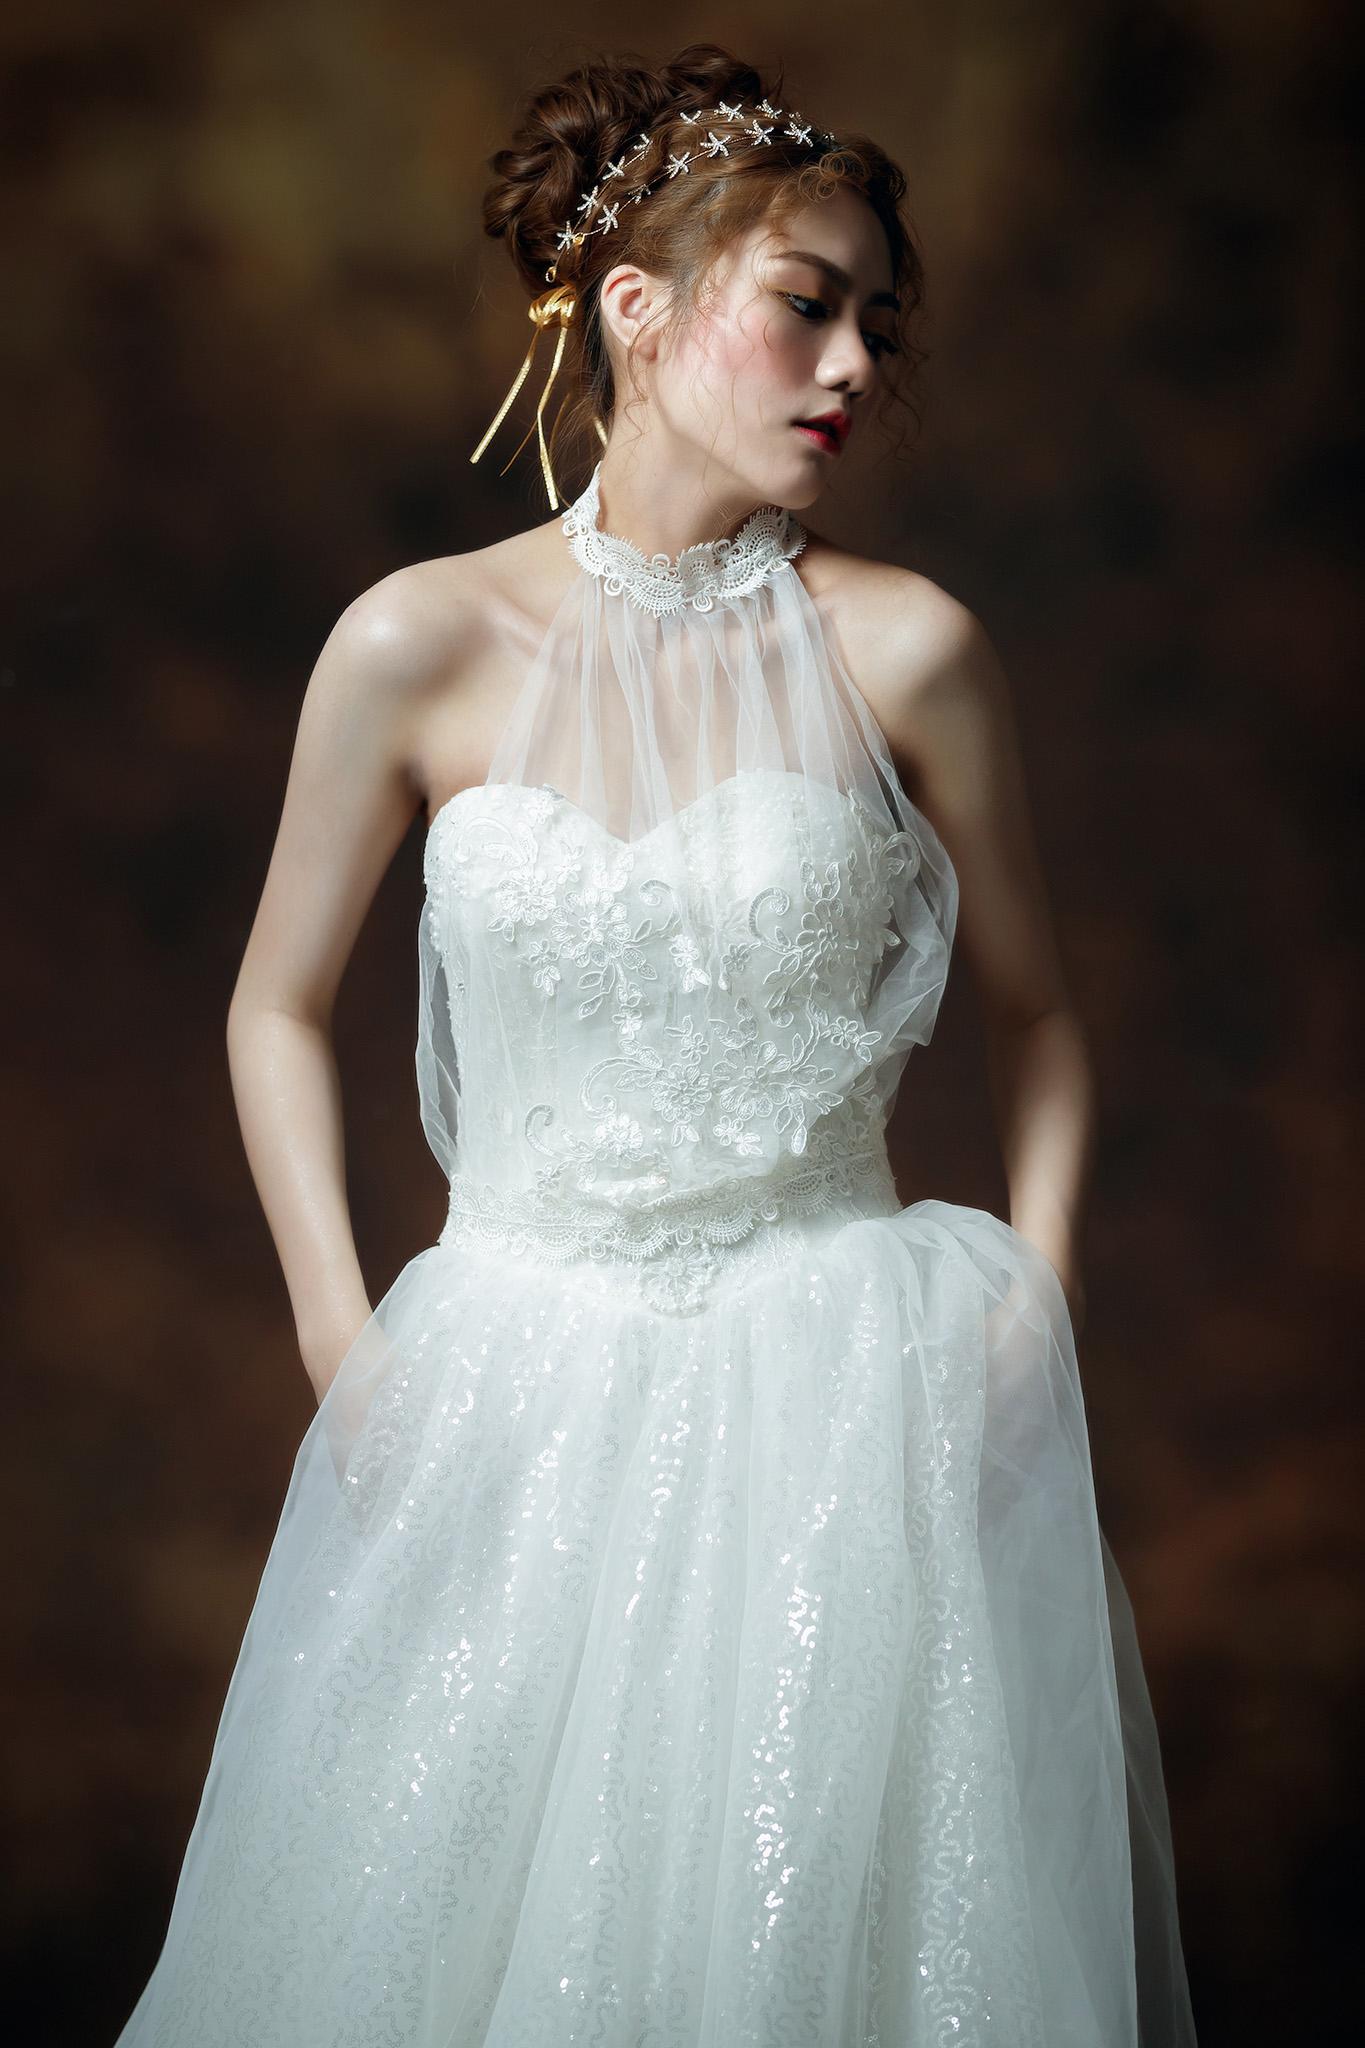 高雄自助婚紗, 婚紗, 婚攝森森, 高雄婚攝, 梵帝雅攝影棚, 婚紗創作, 衛武營婚紗創作